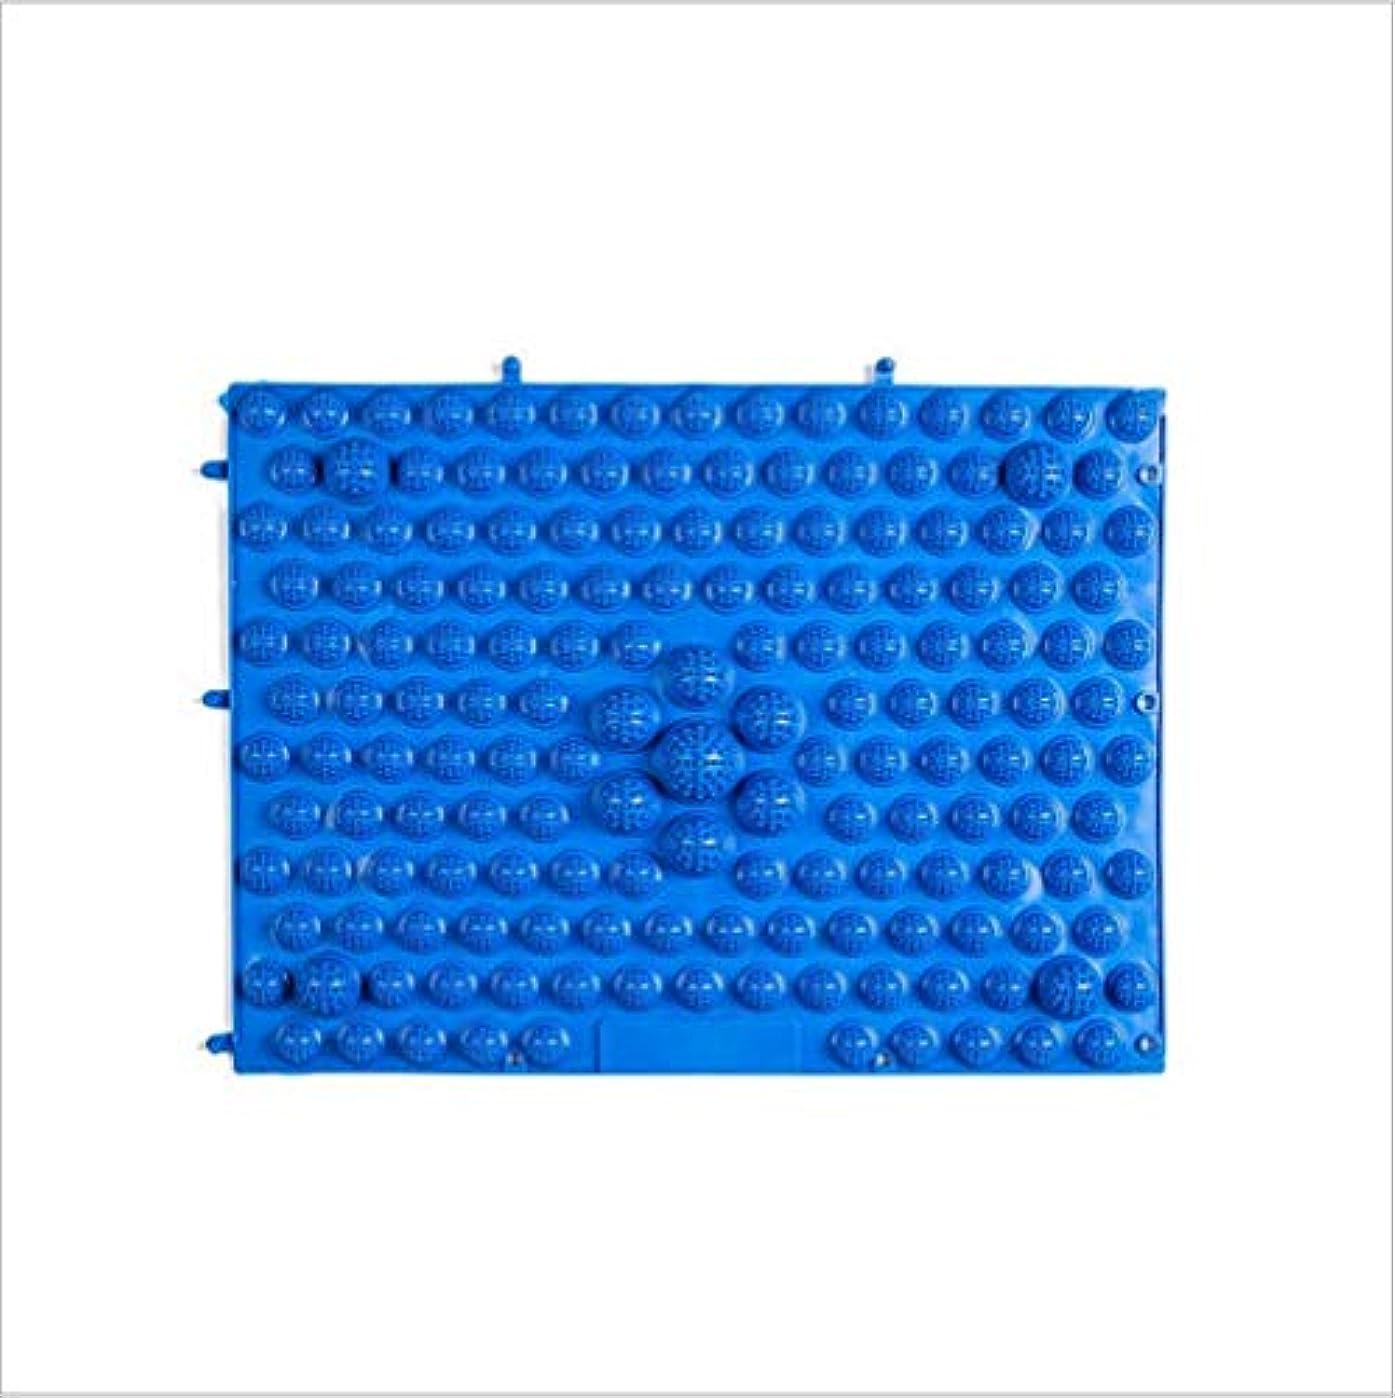 懇願する取り組む耳ウォークマット 裏板セット(ABS樹脂製補強板付き)(ブルー)